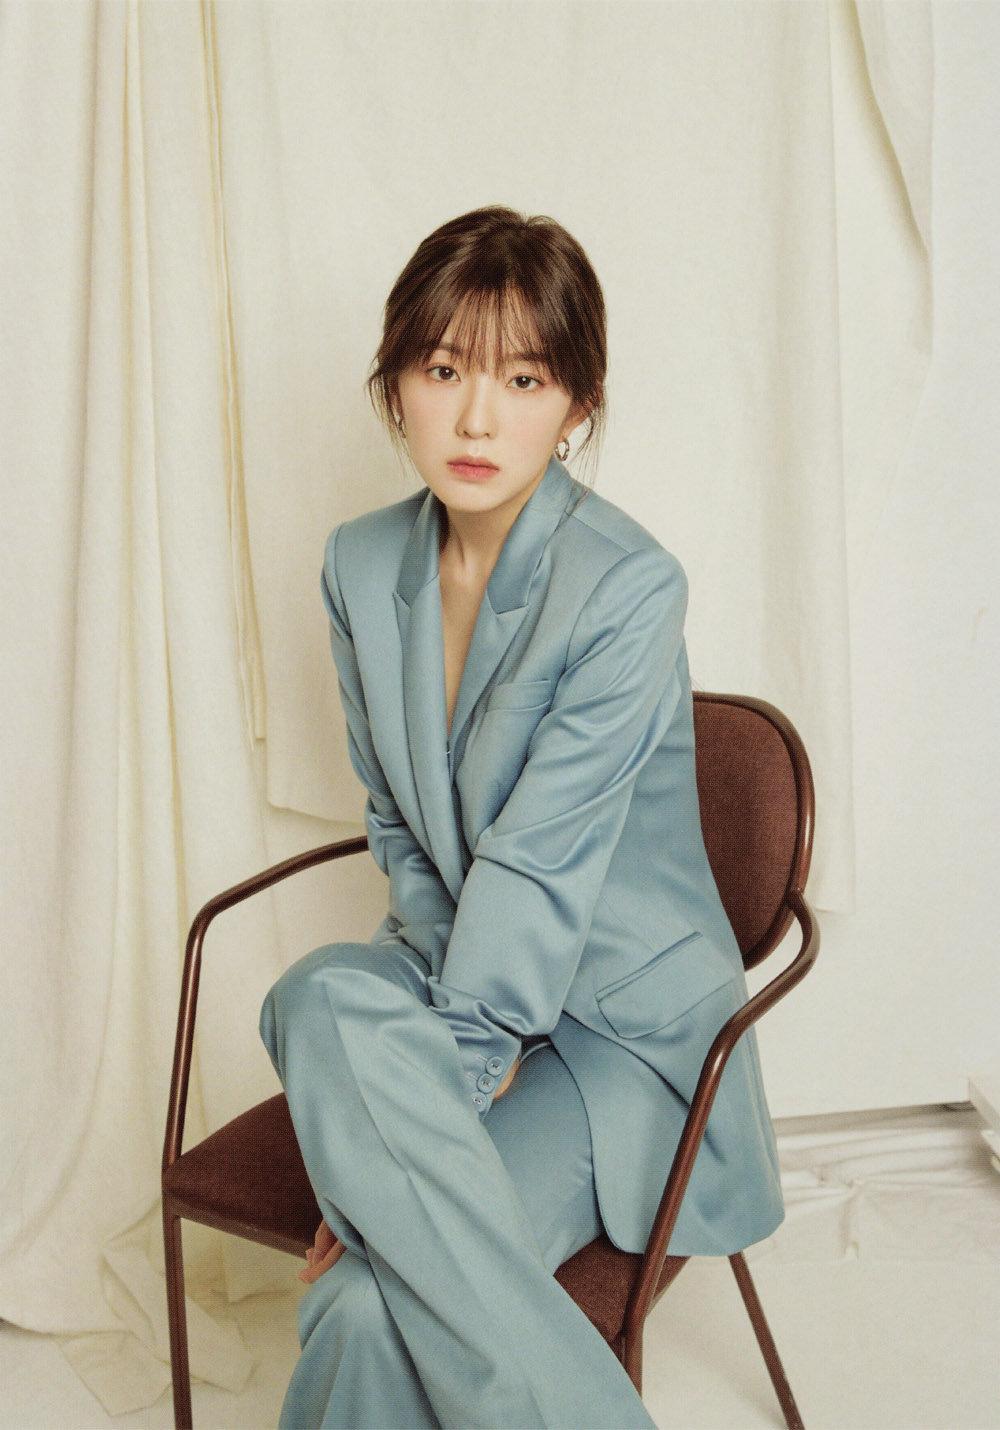 韩女团成员Irene因被指耍大牌致歉,称为此感到后悔图片